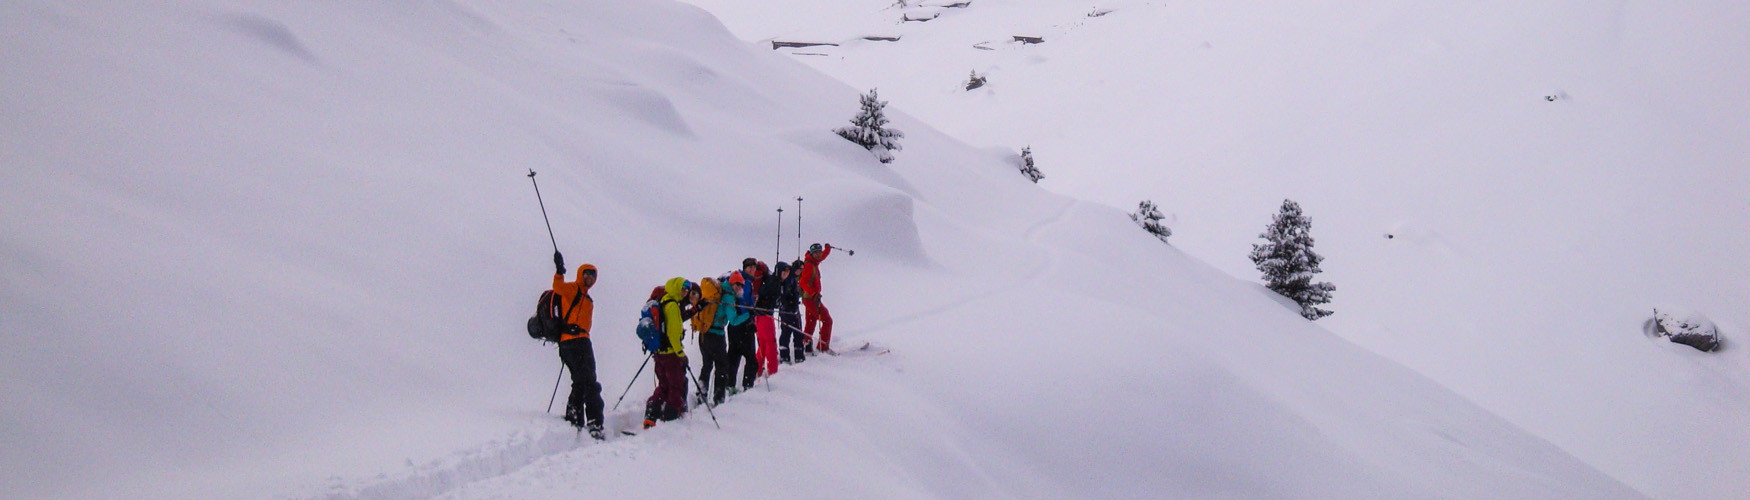 Tiefschnee und Skitouren Training